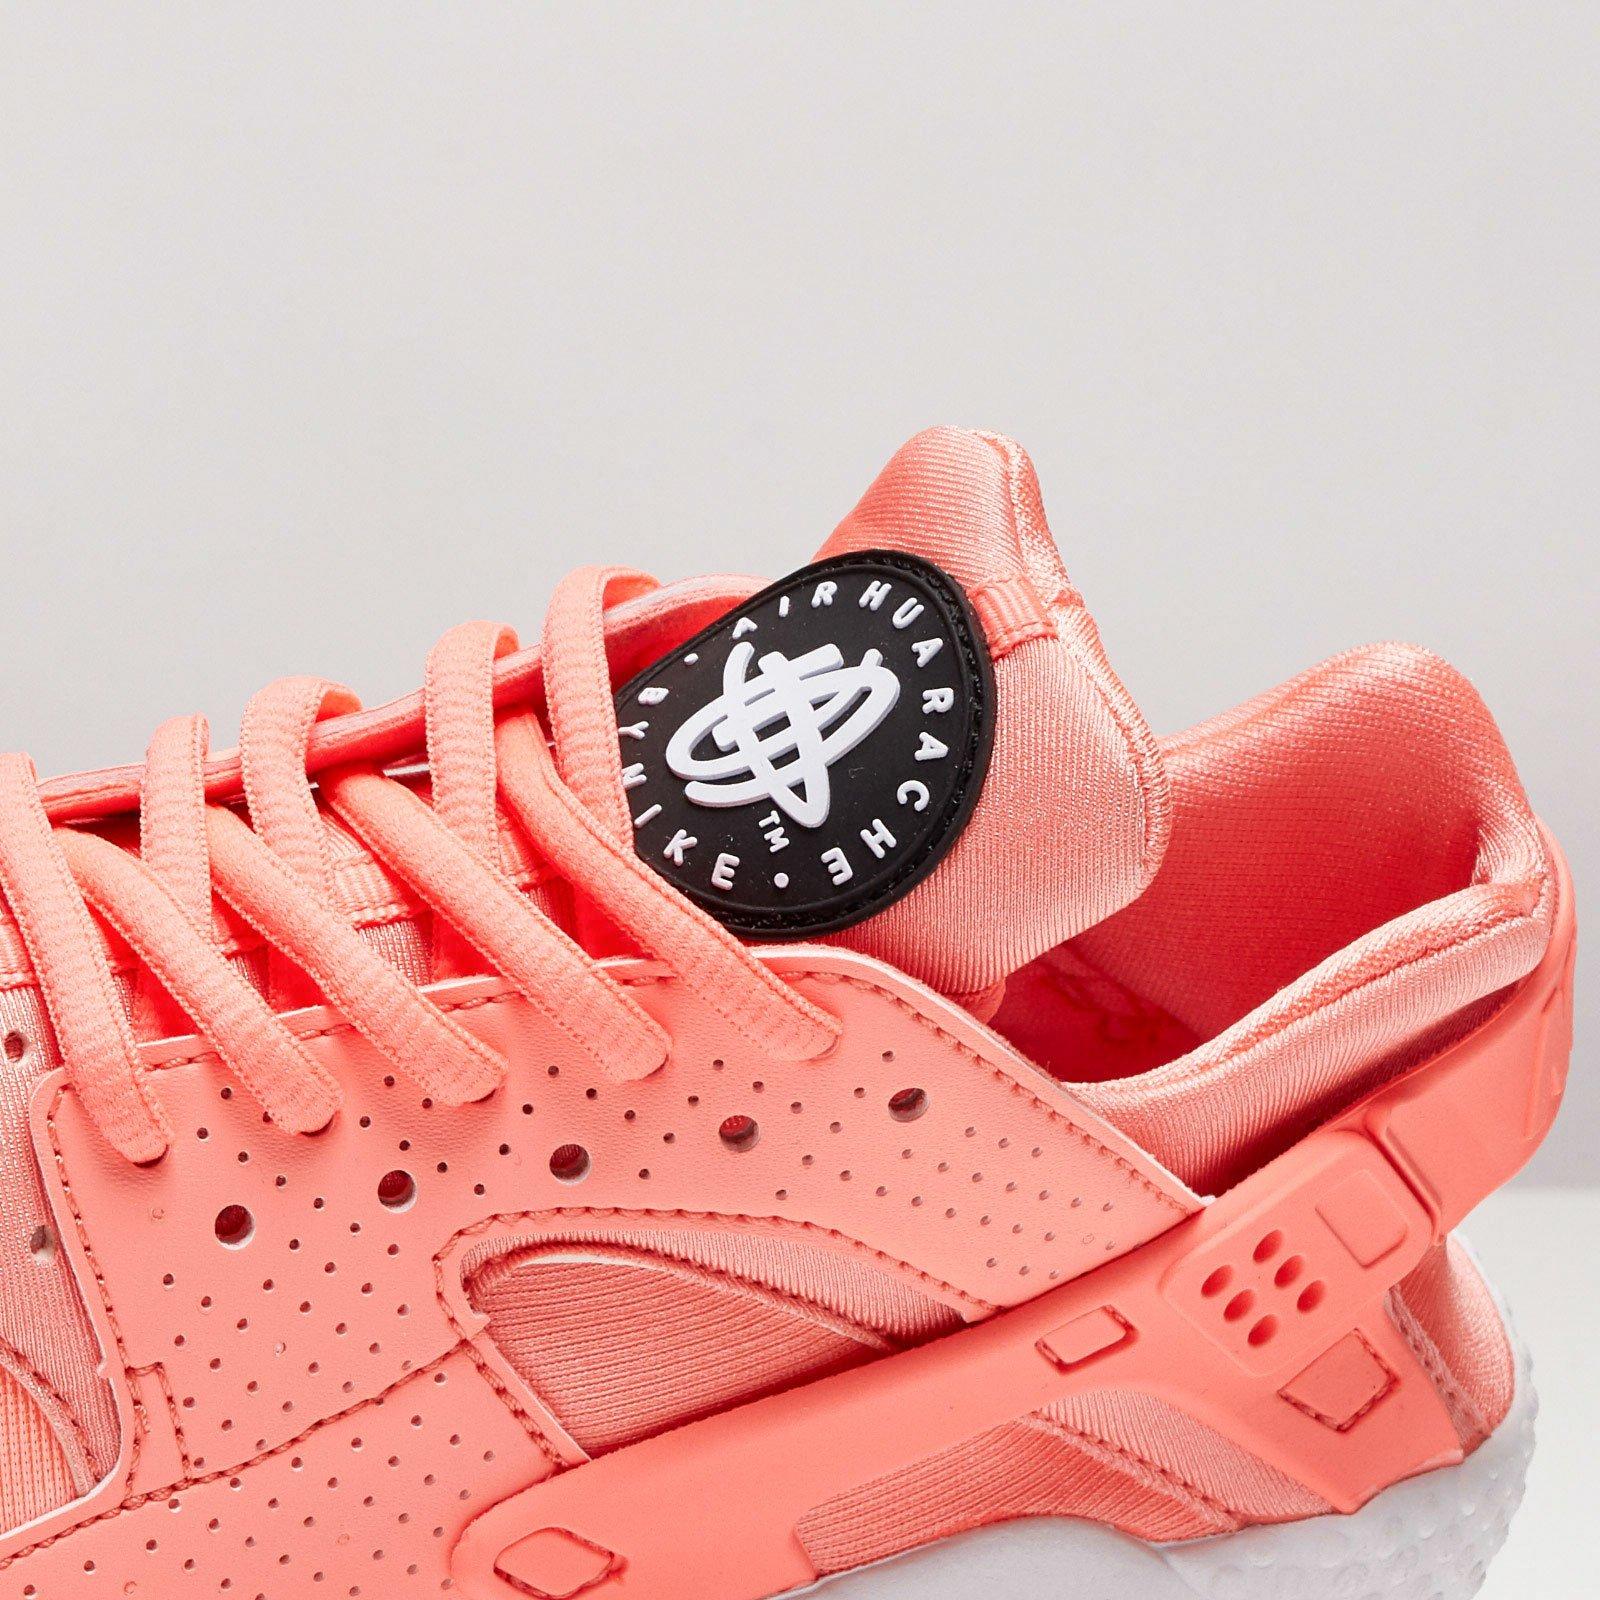 Atomic Pink Nike Wmns Air Huarache Run ... Nike Wmns Air Huarache Run